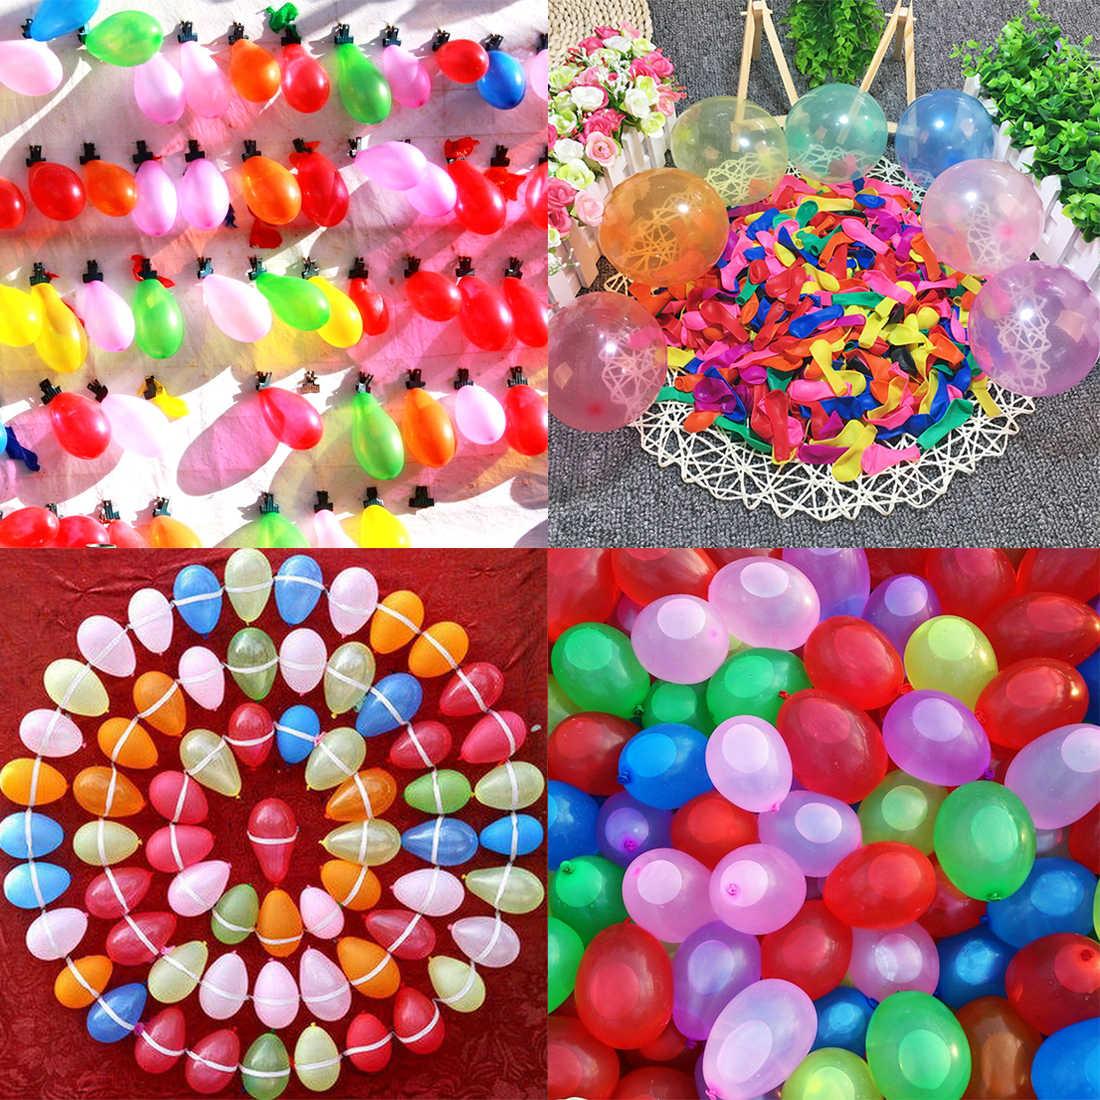 1500 шт. быстрое заполнение водяных шаров игрушки волшебные бомбы пляжная вечерние открытый наполнение воды воздушные шары с изображениями бомб игрушка для детей взрослые дети